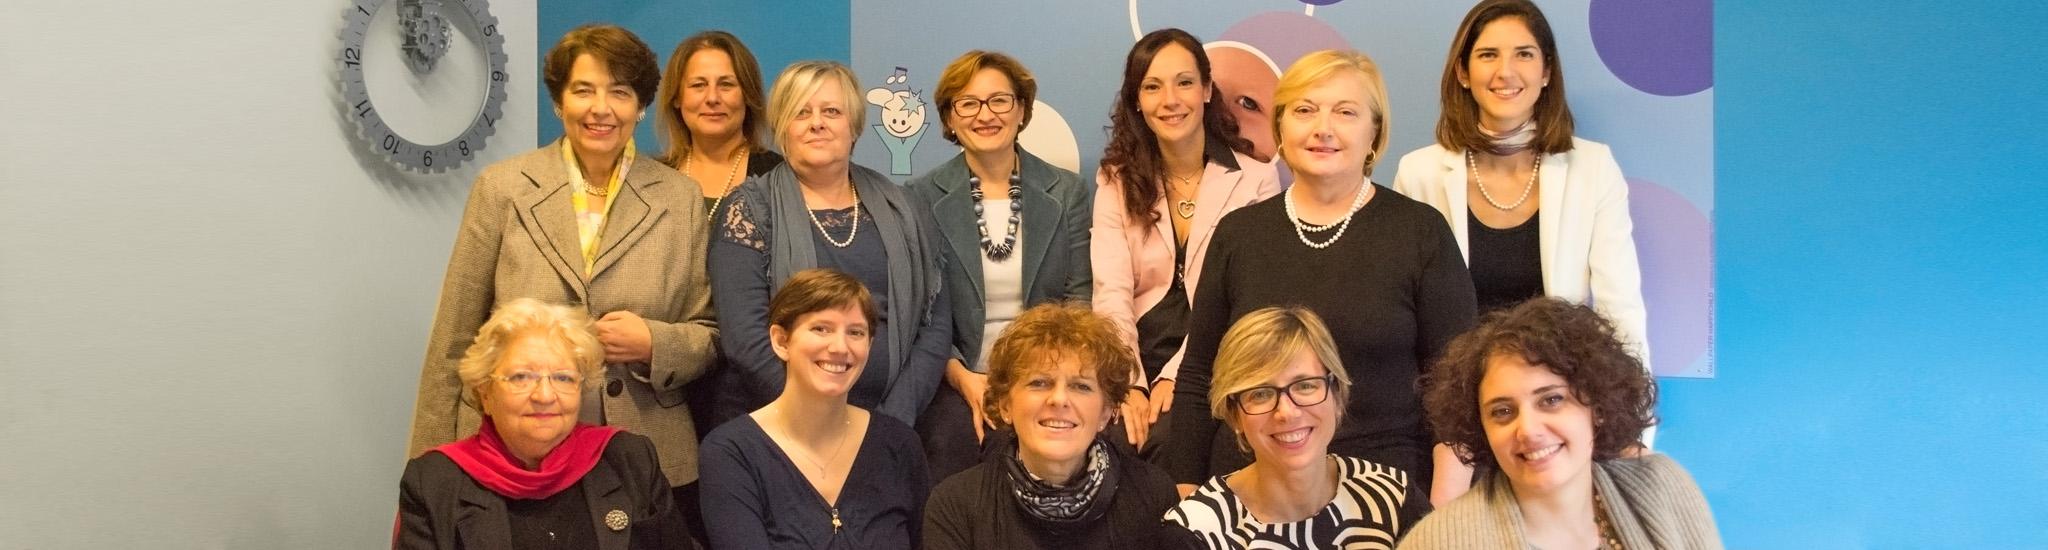 Team azienda - Happy Child, rete di asili nido e scuole materne bilingue privati